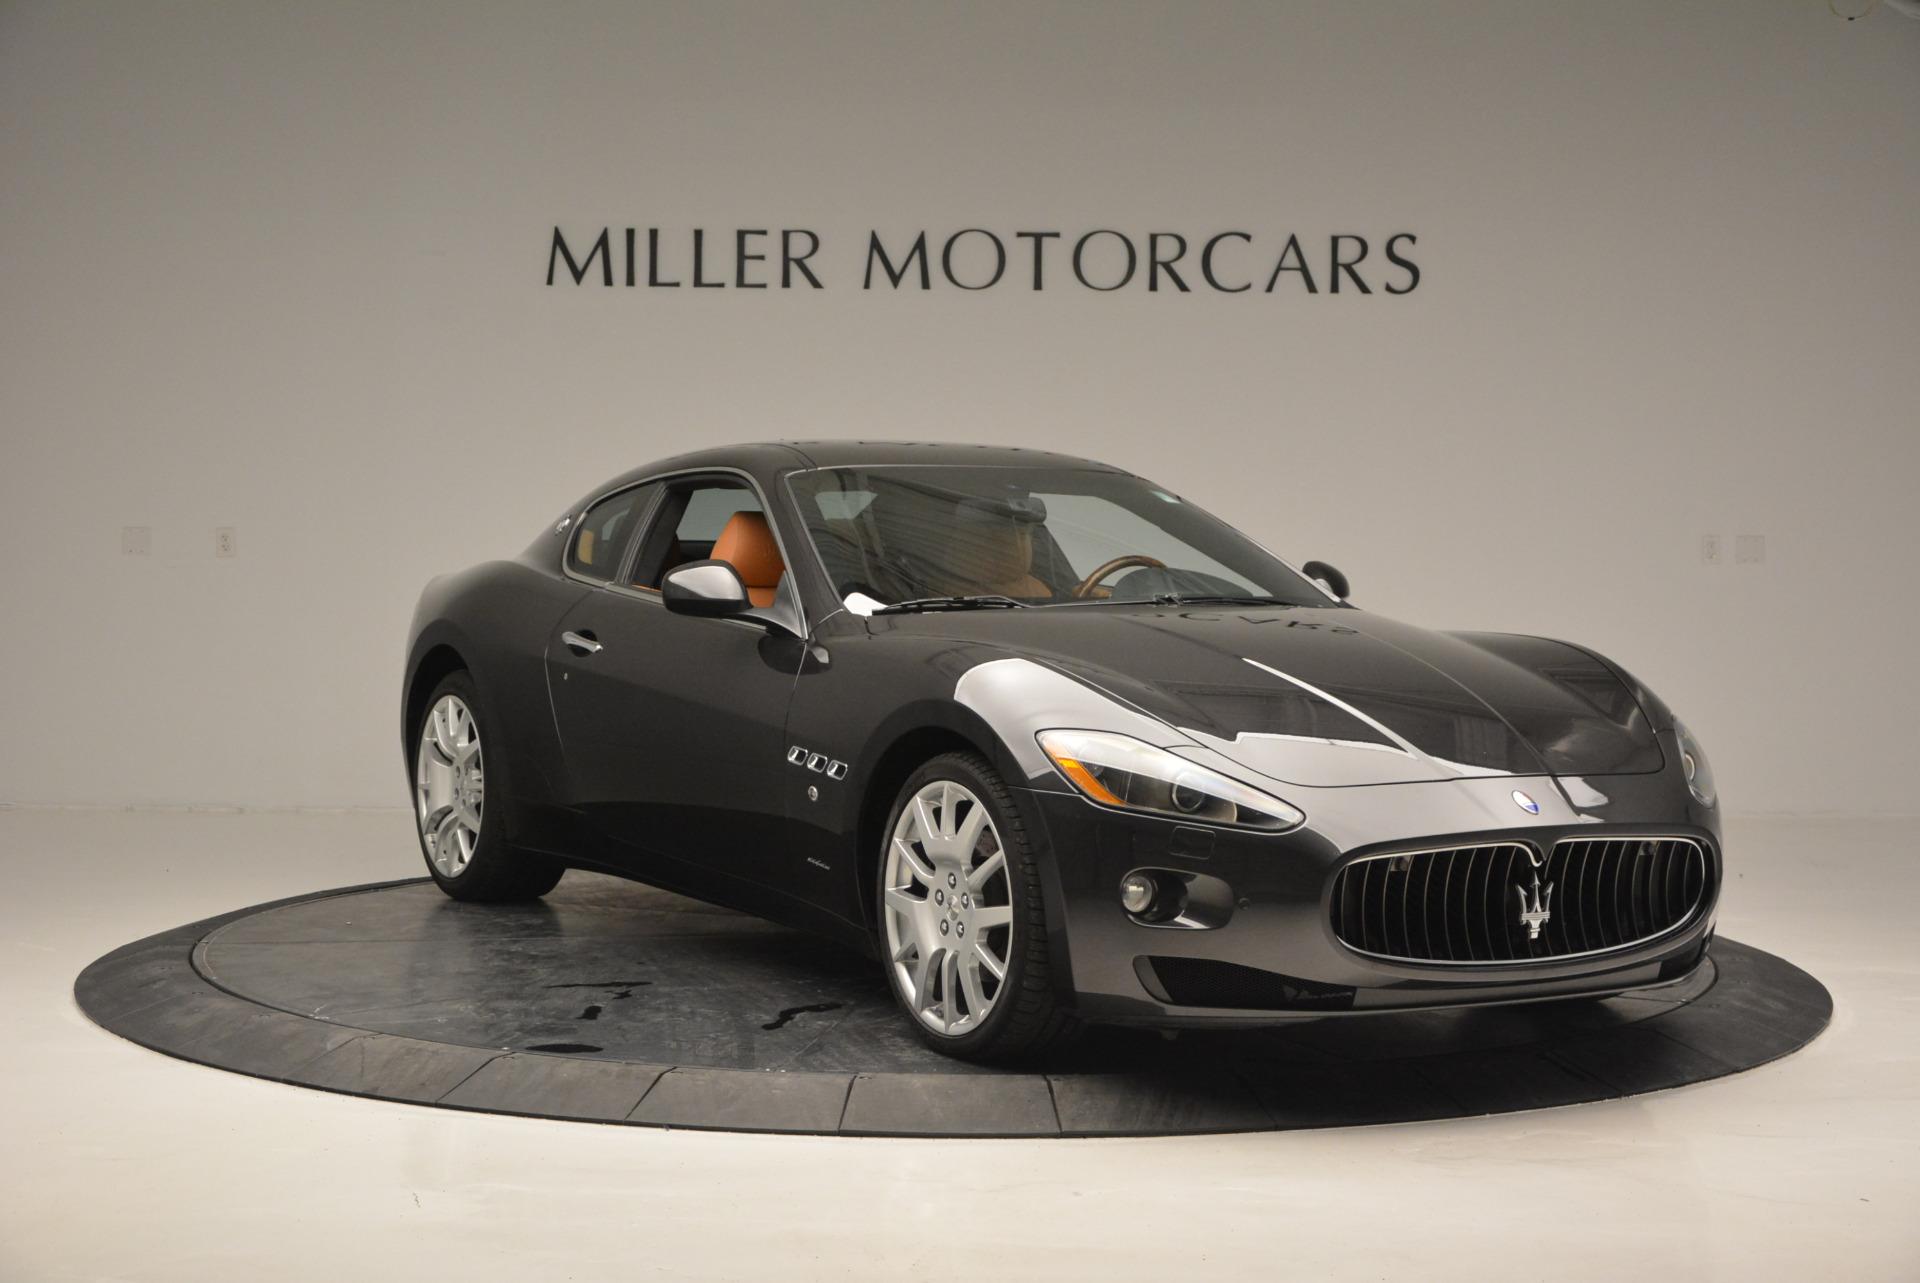 Used 2011 Maserati GranTurismo  For Sale In Greenwich, CT. Alfa Romeo of Greenwich, 7128 816_p11